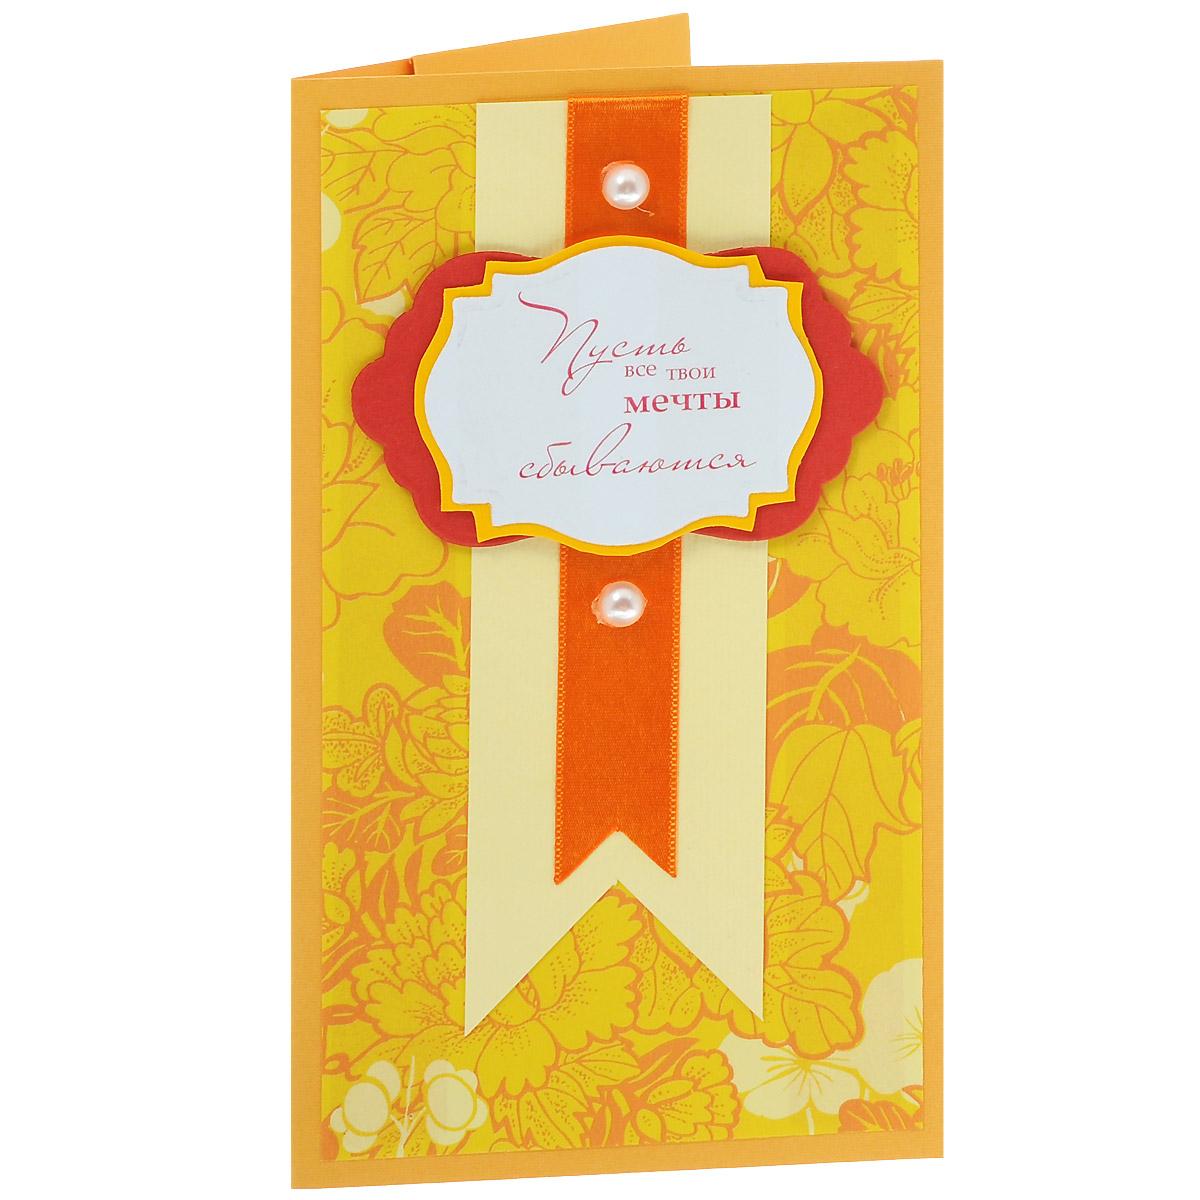 ОЖ-0007 Открытка-конверт «Пусть все твои мечты сбываются» (желтая). Студия «Тётя Роза»10189Характеристики: Размер 19 см x 11 см.Материал: Высоко-художественный картон, бумага, декор. Данная открытка может стать как прекрасным дополнением к вашему подарку, так и самостоятельным подарком. Так как открытка является и конвертом, в который вы можете вложить ваш денежный подарок или просто написать ваши пожелания на вкладыше. Благородный фон усилен ажурным узором цветочных и растительных мотивов. Поздравительная надпись расположена на изящной, многослойной табличке. В оформлении открытки использована атласная лента и жемчужные полубусины. Также открытка упакована в пакетик для сохранности.Обращаем Ваше внимание на то, что открытка может незначительно отличаться от представленной на фото.Открытки ручной работы от студии Тётя Роза отличаются своим неповторимым и ярким стилем. Каждая уникальна и выполнена вручную мастерами студии. (Открытка для мужчин, открытка для женщины, открытка на день рождения, открытка с днем свадьбы, открытка винтаж, открытка с юбилеем, открытка на все случаи, скрапбукинг)